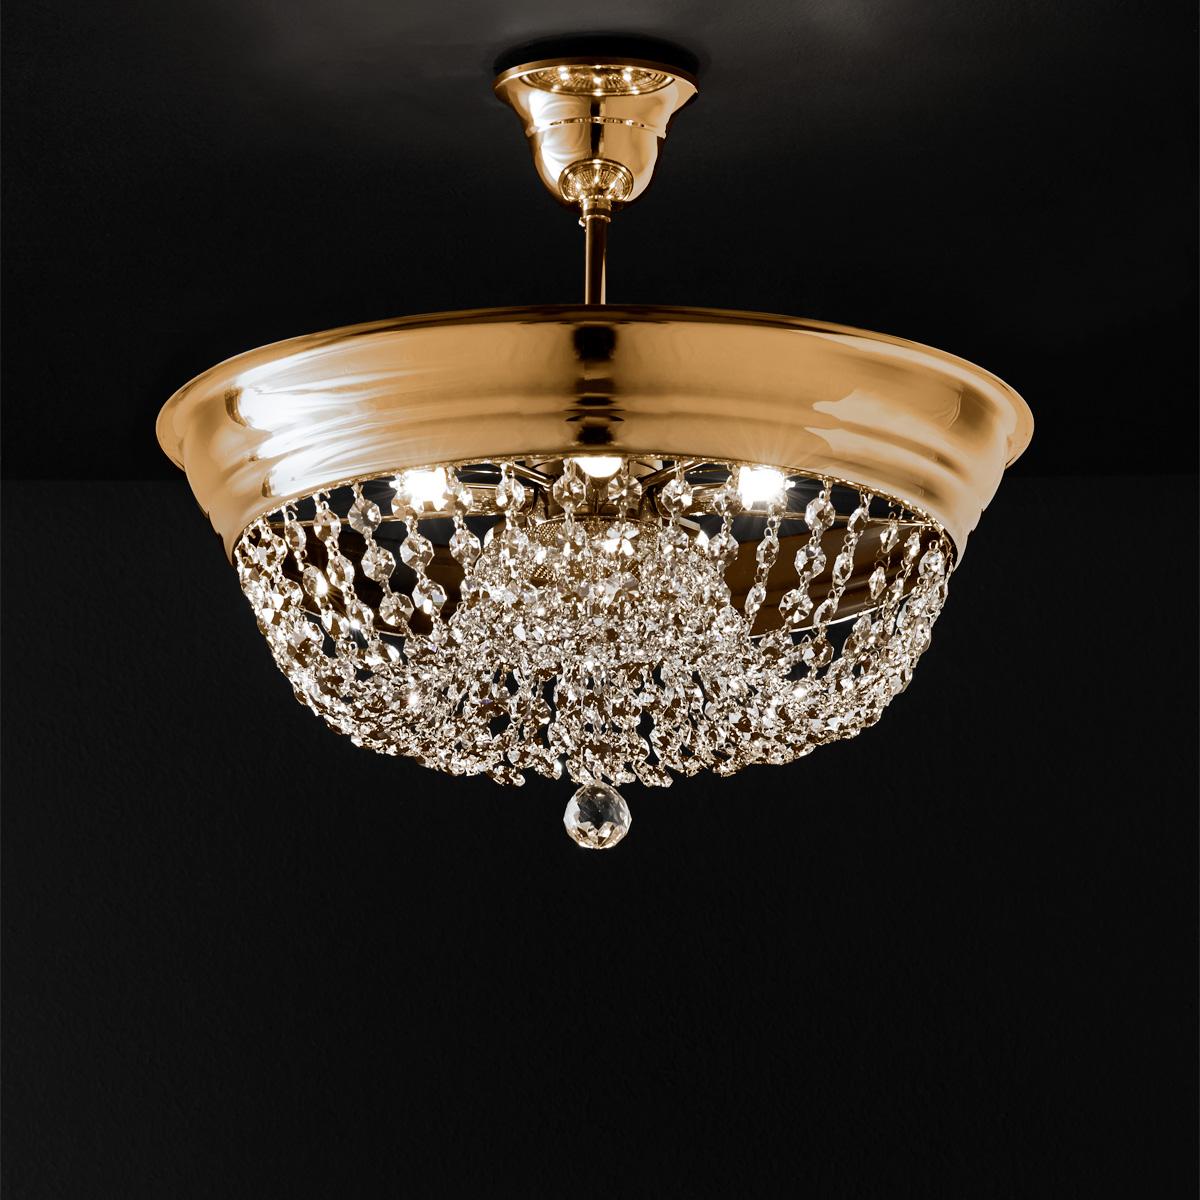 Φωτιστικό ημιοροφής με κρύσταλλα ΑΡΤΕΜΙΣ crystal suspension lamp